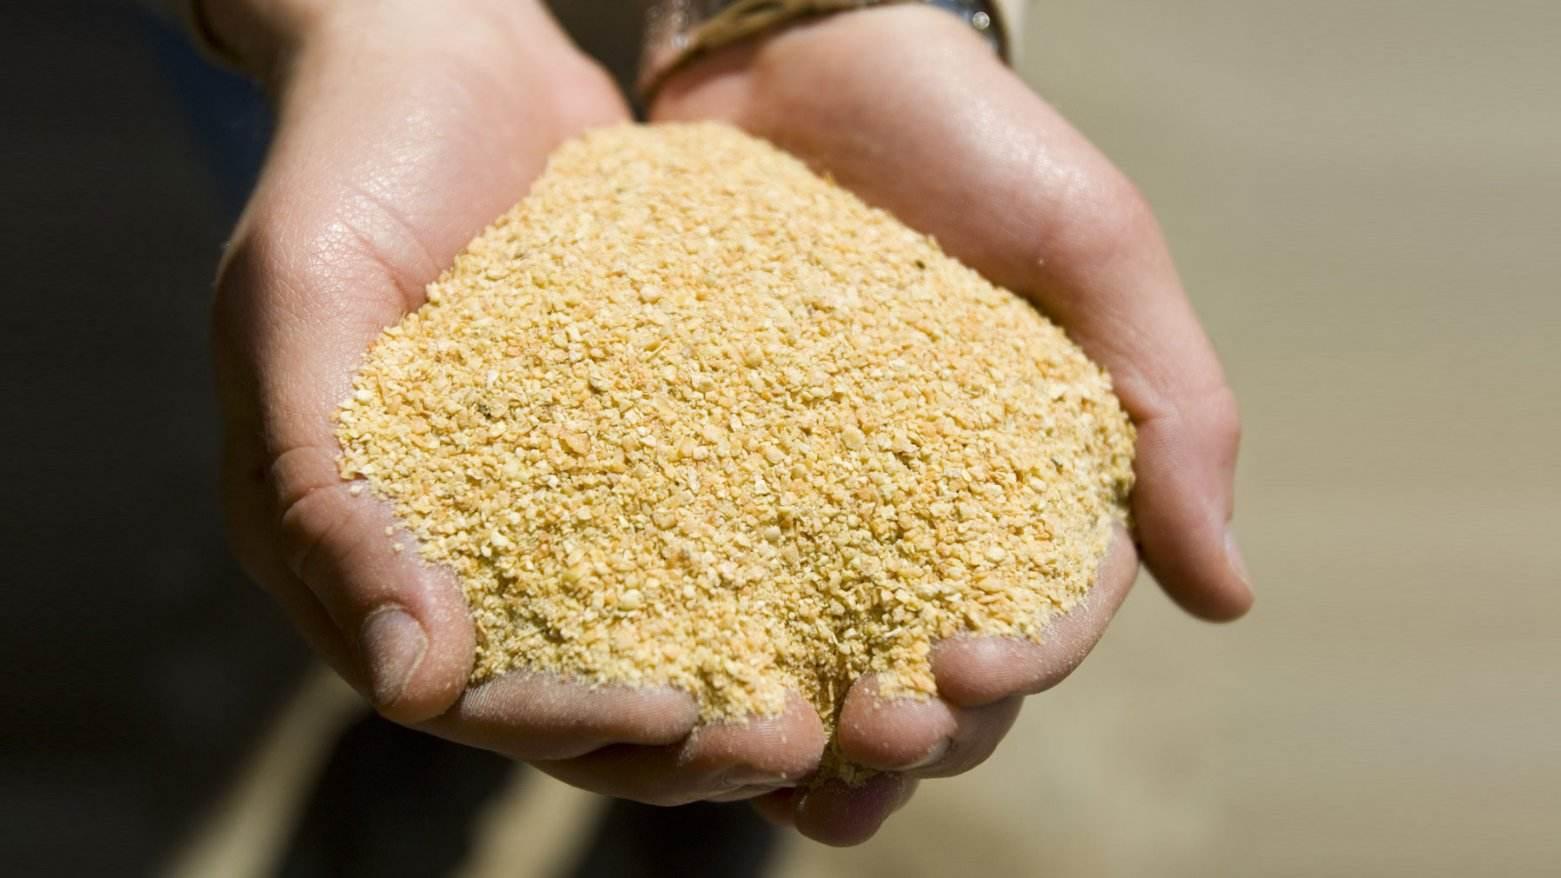 多空争夺加剧 豆粕放量上涨